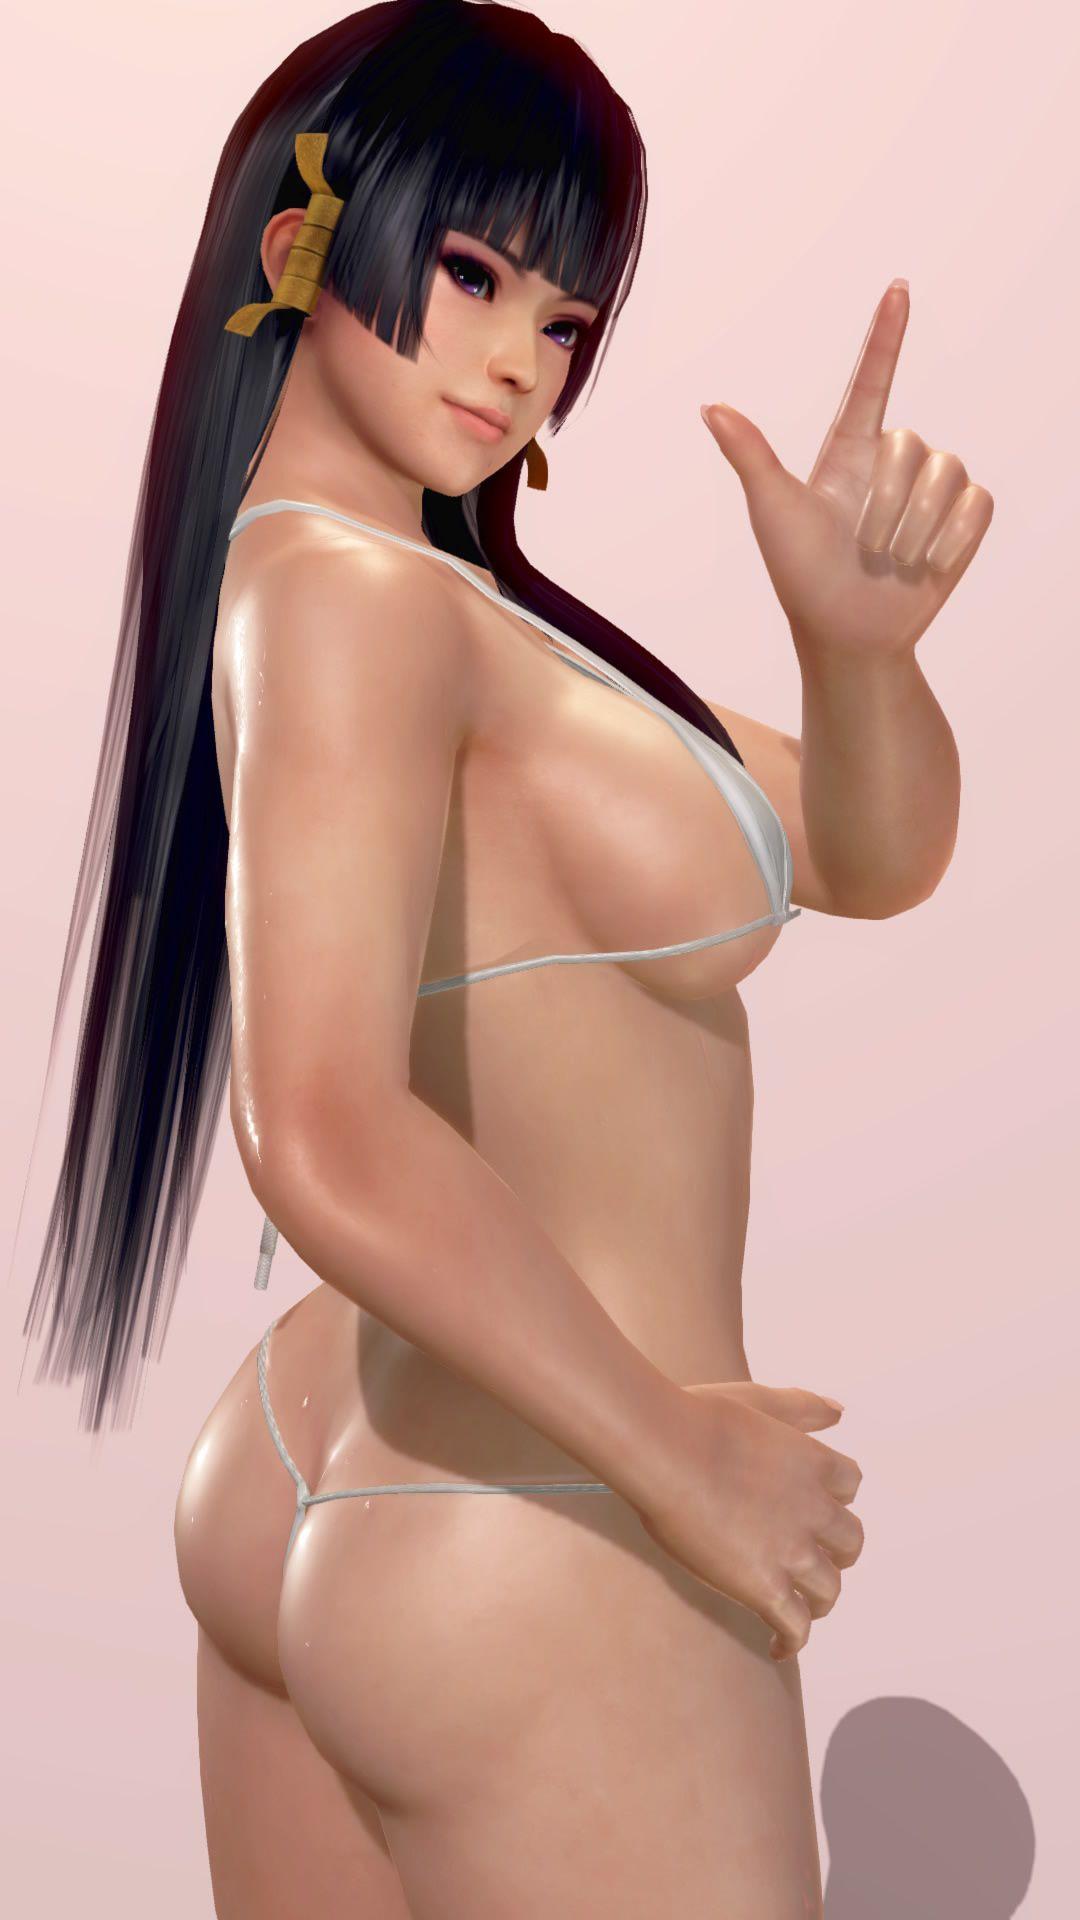 CYBERセーブエディター PS4改造「CYBER セーブエディター」DOAX3は対応してない。四女神オンラインなど、結構最新ゲーム対応も多い